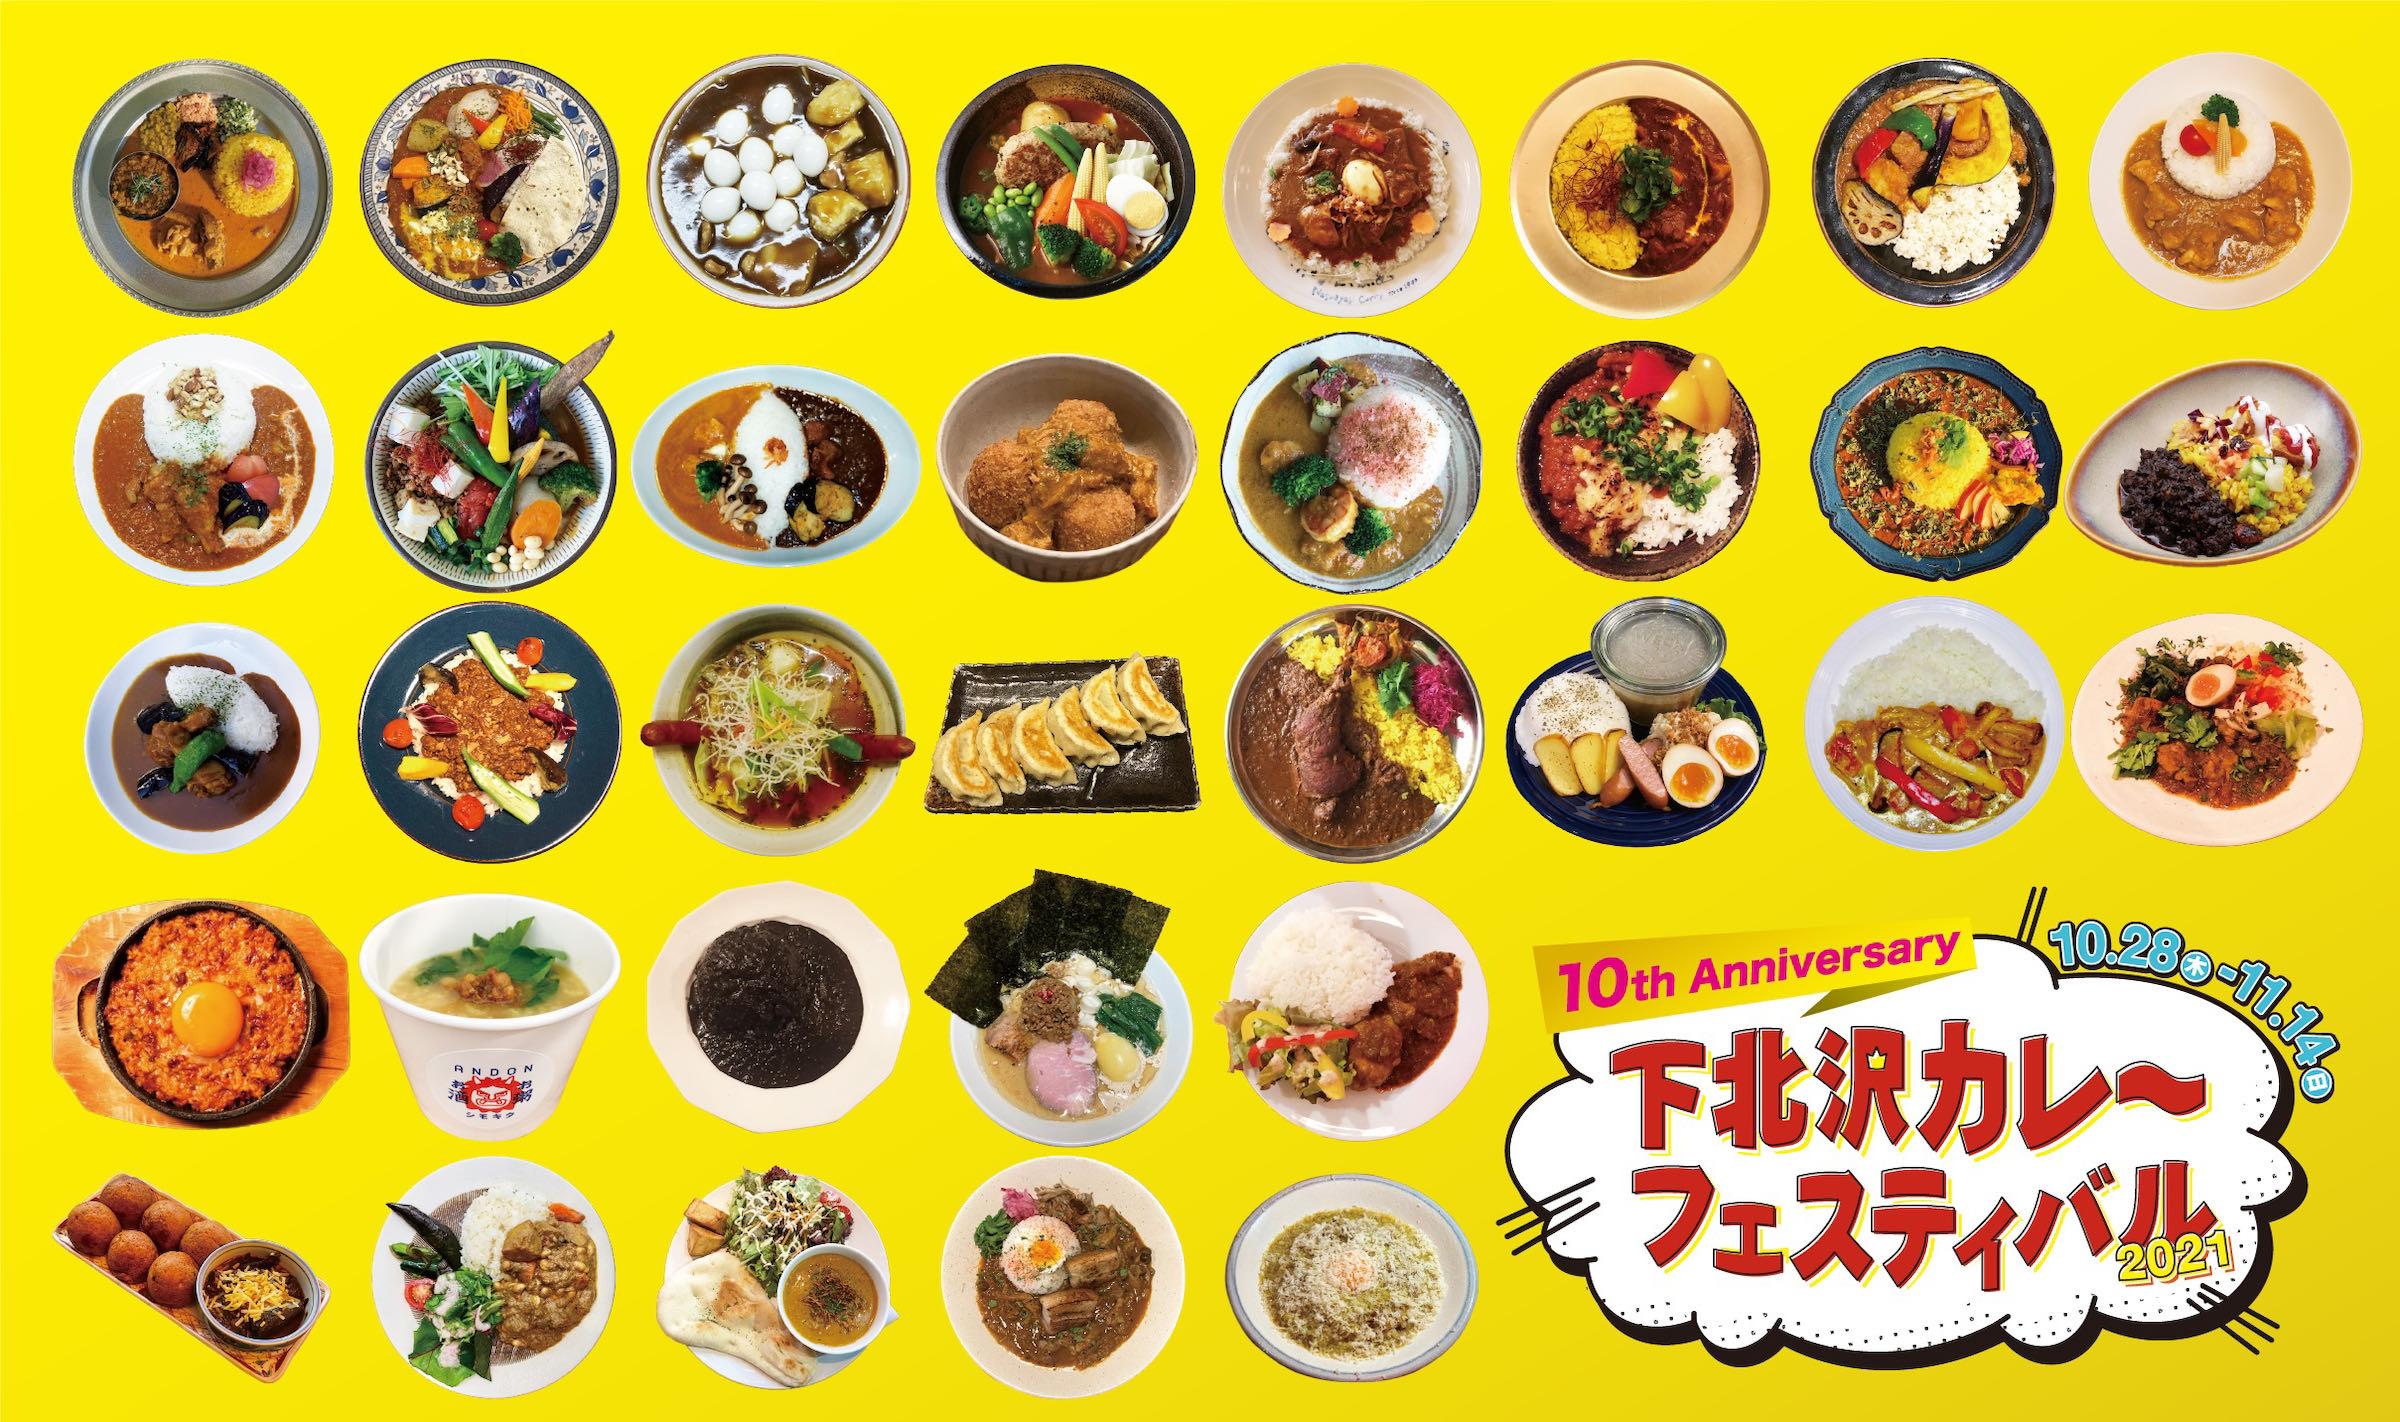 関東最大級!カレーファン参加必須のグルメフェス『下北沢カレーフェスティバル2021』🍛